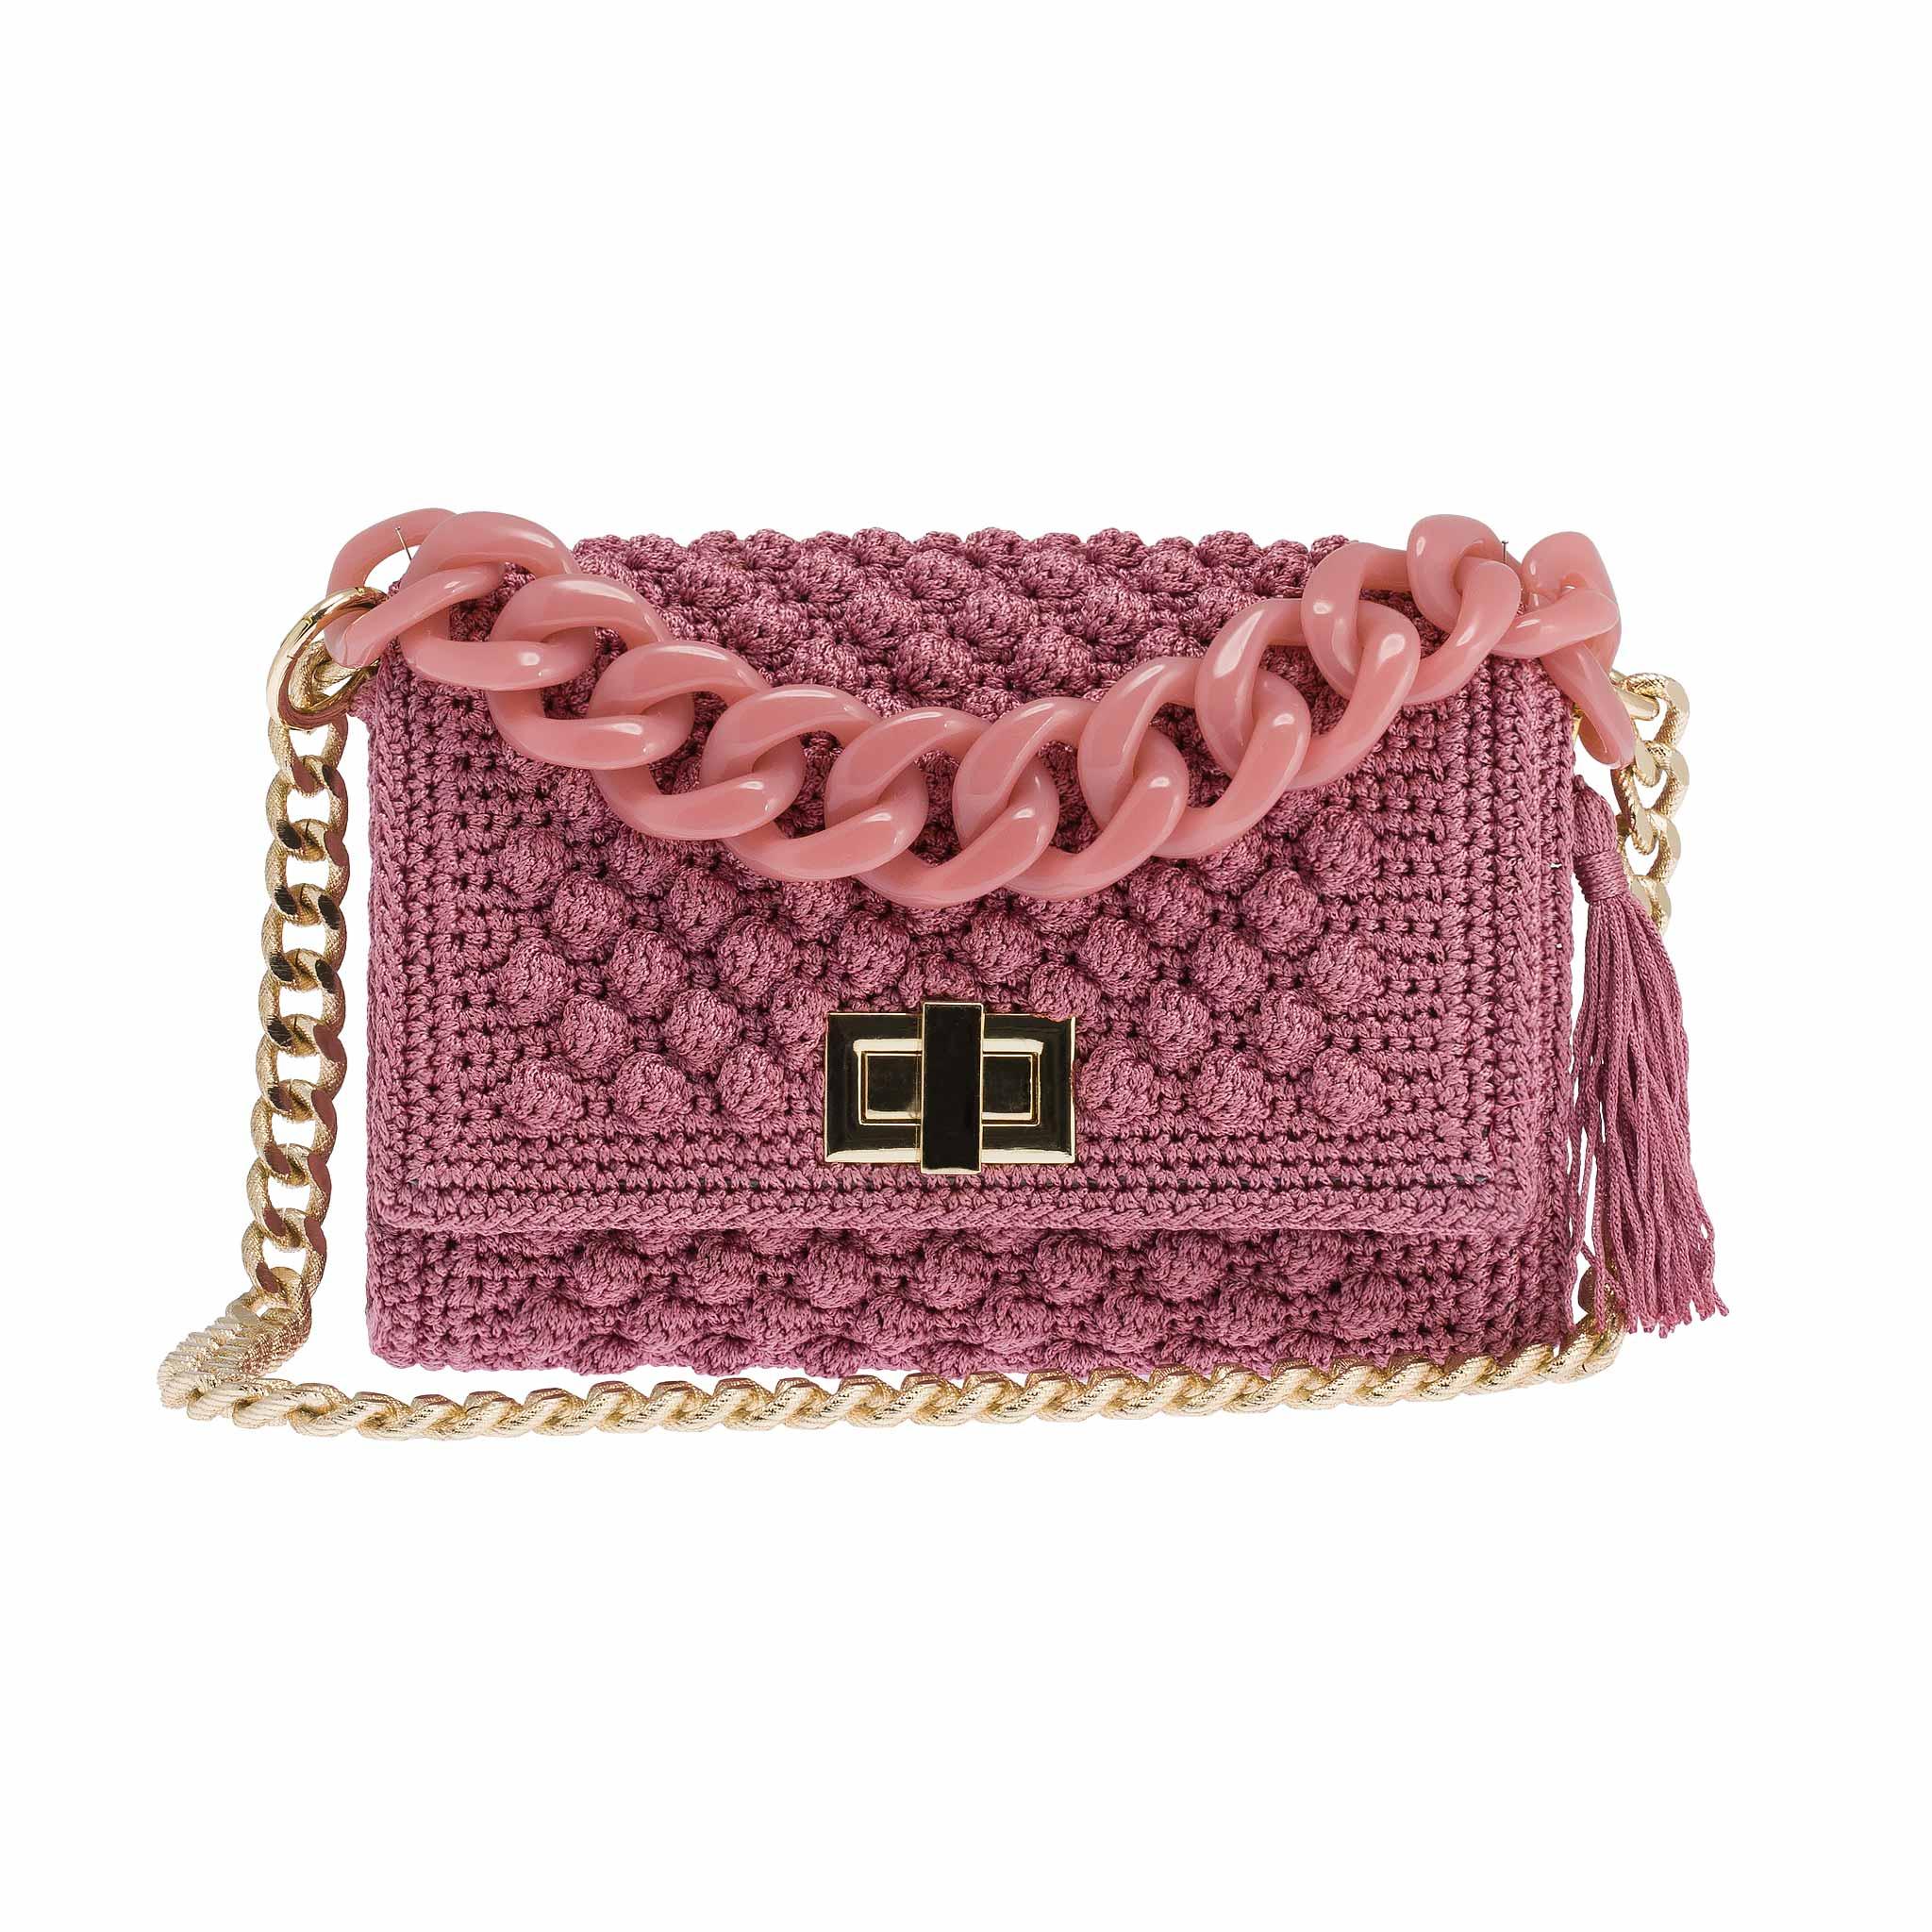 de27ec8ad4 Χειροποίητη πλεκτή τσάντα Λητώ σε ροζ nude - Ddora